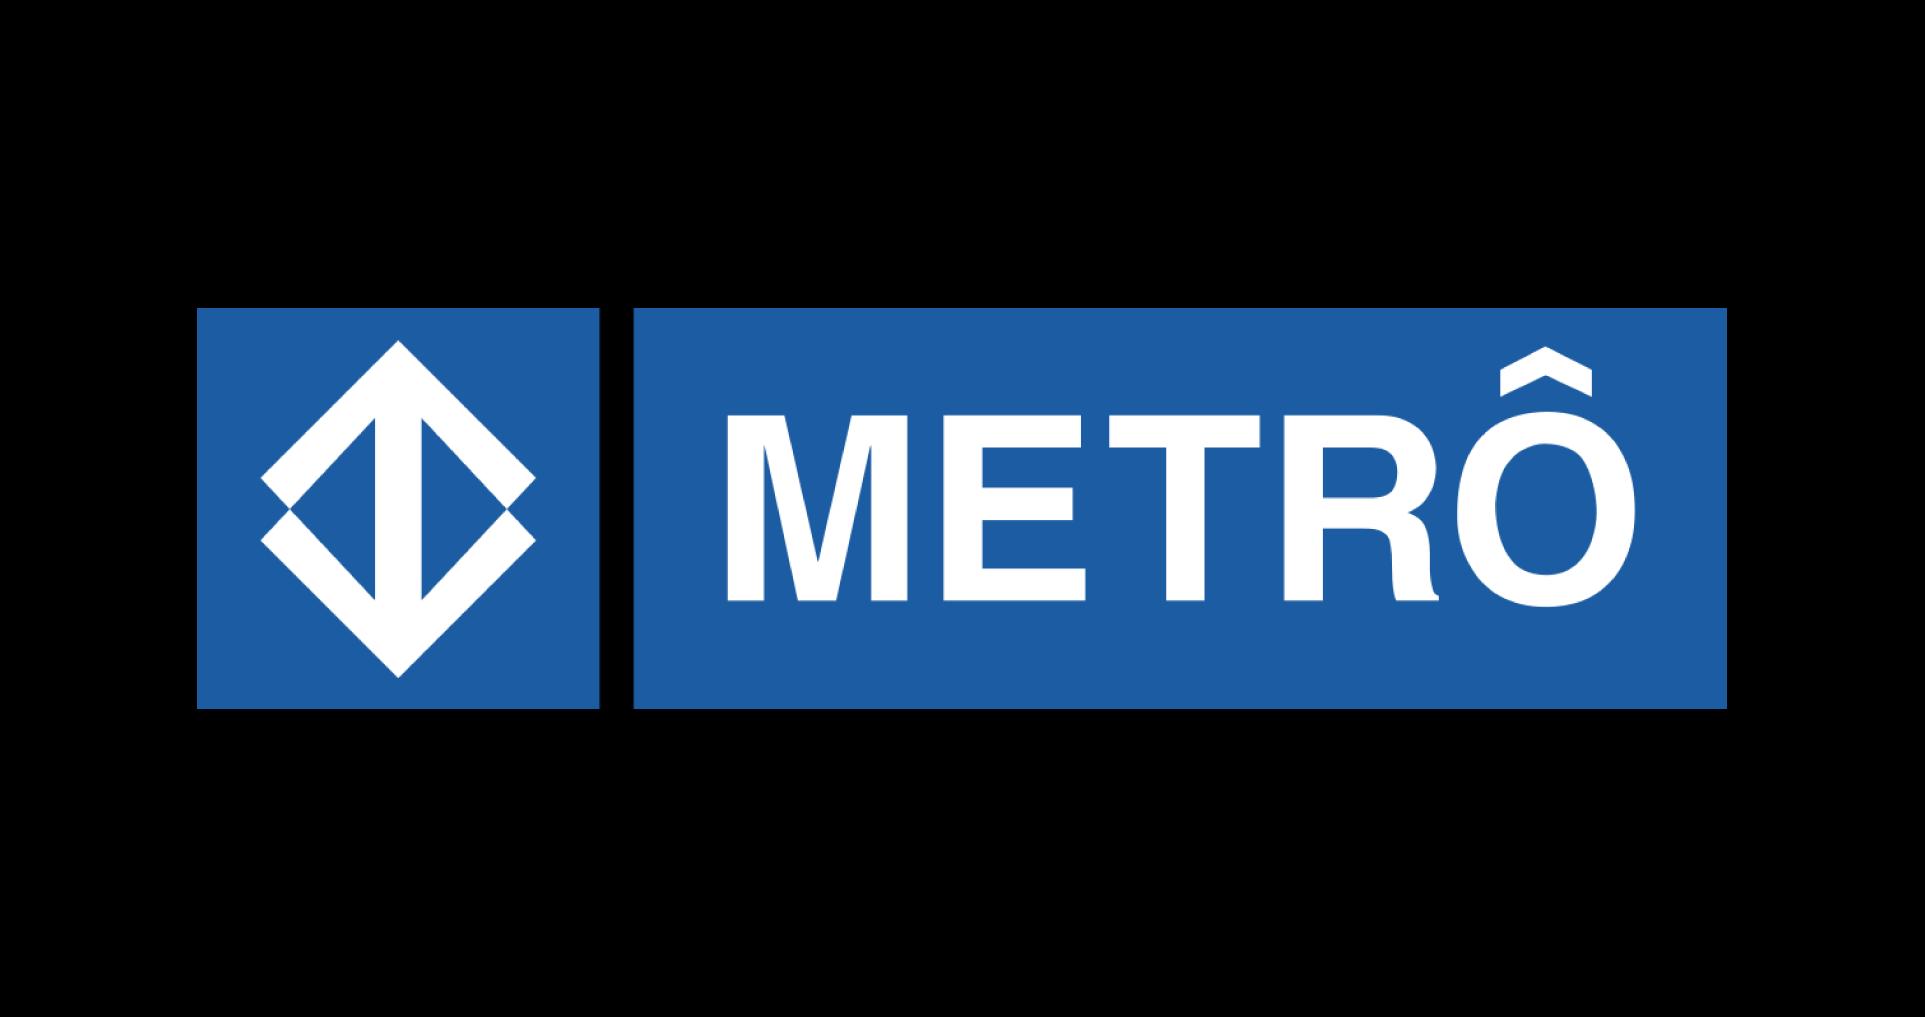 METRÔ/SP – COMPANHIA DO METROPOLITANO DE SÃO PAULO